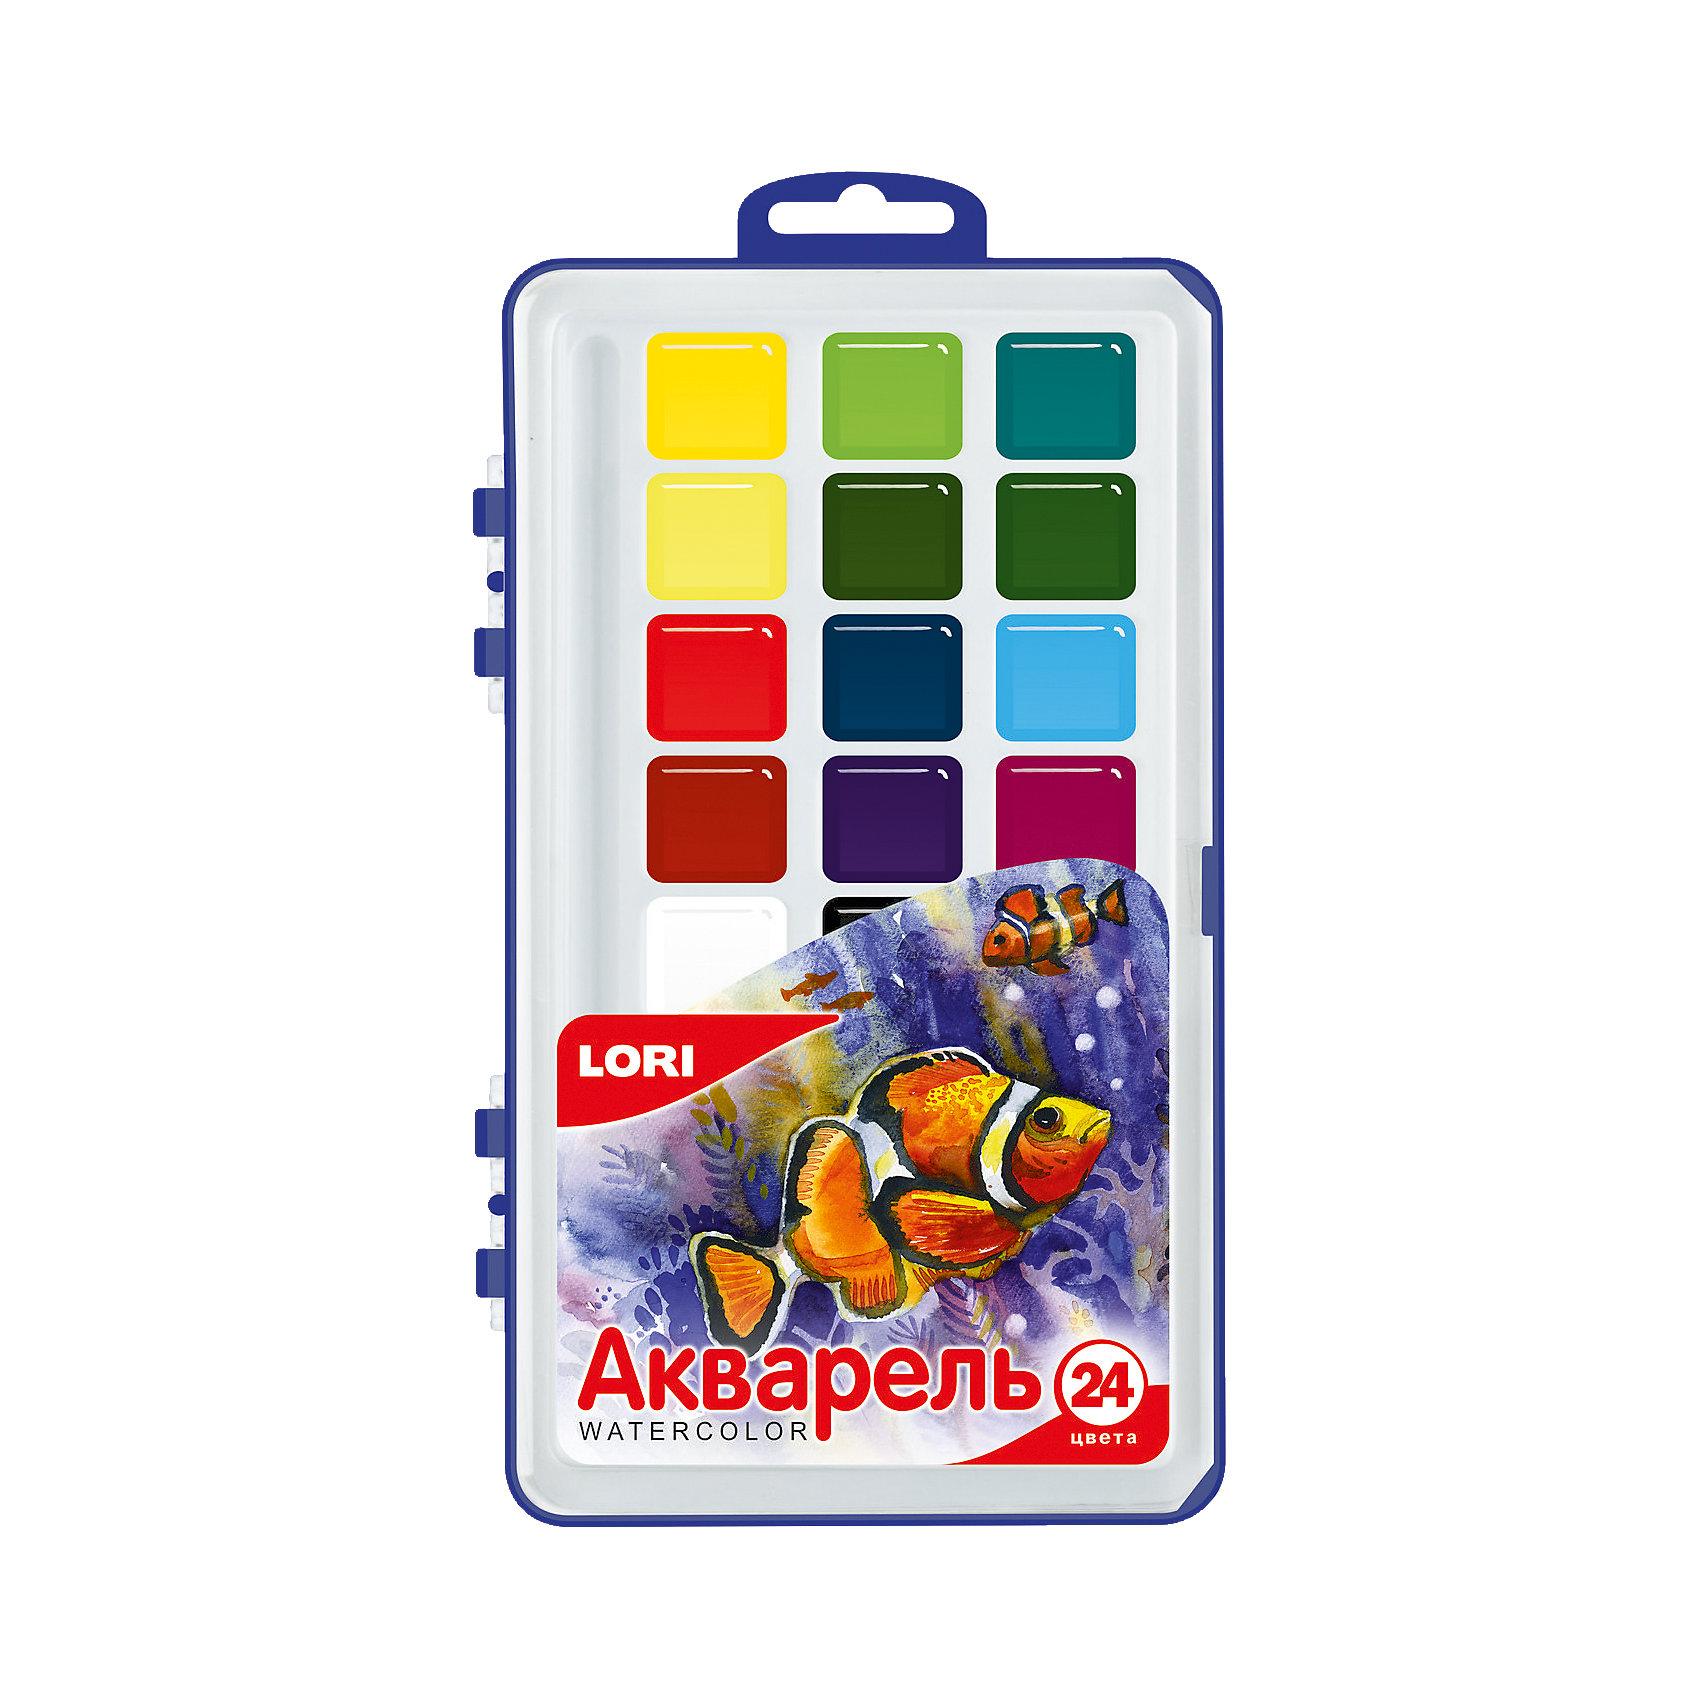 Краски акварельные, 24 цв.Краски акварельные, 24 цв. - этот качественный набор для детского творчества идеален для вашего юного художника.<br>Акварельные краски хорошо подойдут как для школьных занятий, так и для детского творчества в свободное время. В наборе 24 акварельных красок без кисточки, упакованных в удобный пластиковый бокс с подвесом. Краски имеют яркие насыщенные цвета, легко размываются, легко смешиваются между собой, равномерно ложатся на бумагу, быстро сохнут. Широкая цветовая палитра, позволит создать большое количество оттенков, как с помощью смешивания, так и благодаря добавлению разного количества воды в основную массу краски. В процессе рисования у детей развивается наглядно-образное мышление, воображение, мелкая моторика рук, творческие и художественные способности, вырабатывается усидчивость и аккуратность.<br><br>Дополнительная информация:<br><br>- Количество цветов: 24<br>- Без кисточки<br>- Упаковка: пластиковый бокс с подвесом<br>- Размер упаковки: 20,5 х 12,2 х 2,1 см.<br>- Вес: 157 гр.<br><br>Краски акварельные, 24 цв. можно купить в нашем интернет-магазине.<br><br>Ширина мм: 205<br>Глубина мм: 122<br>Высота мм: 21<br>Вес г: 157<br>Возраст от месяцев: 36<br>Возраст до месяцев: 144<br>Пол: Унисекс<br>Возраст: Детский<br>SKU: 4249886